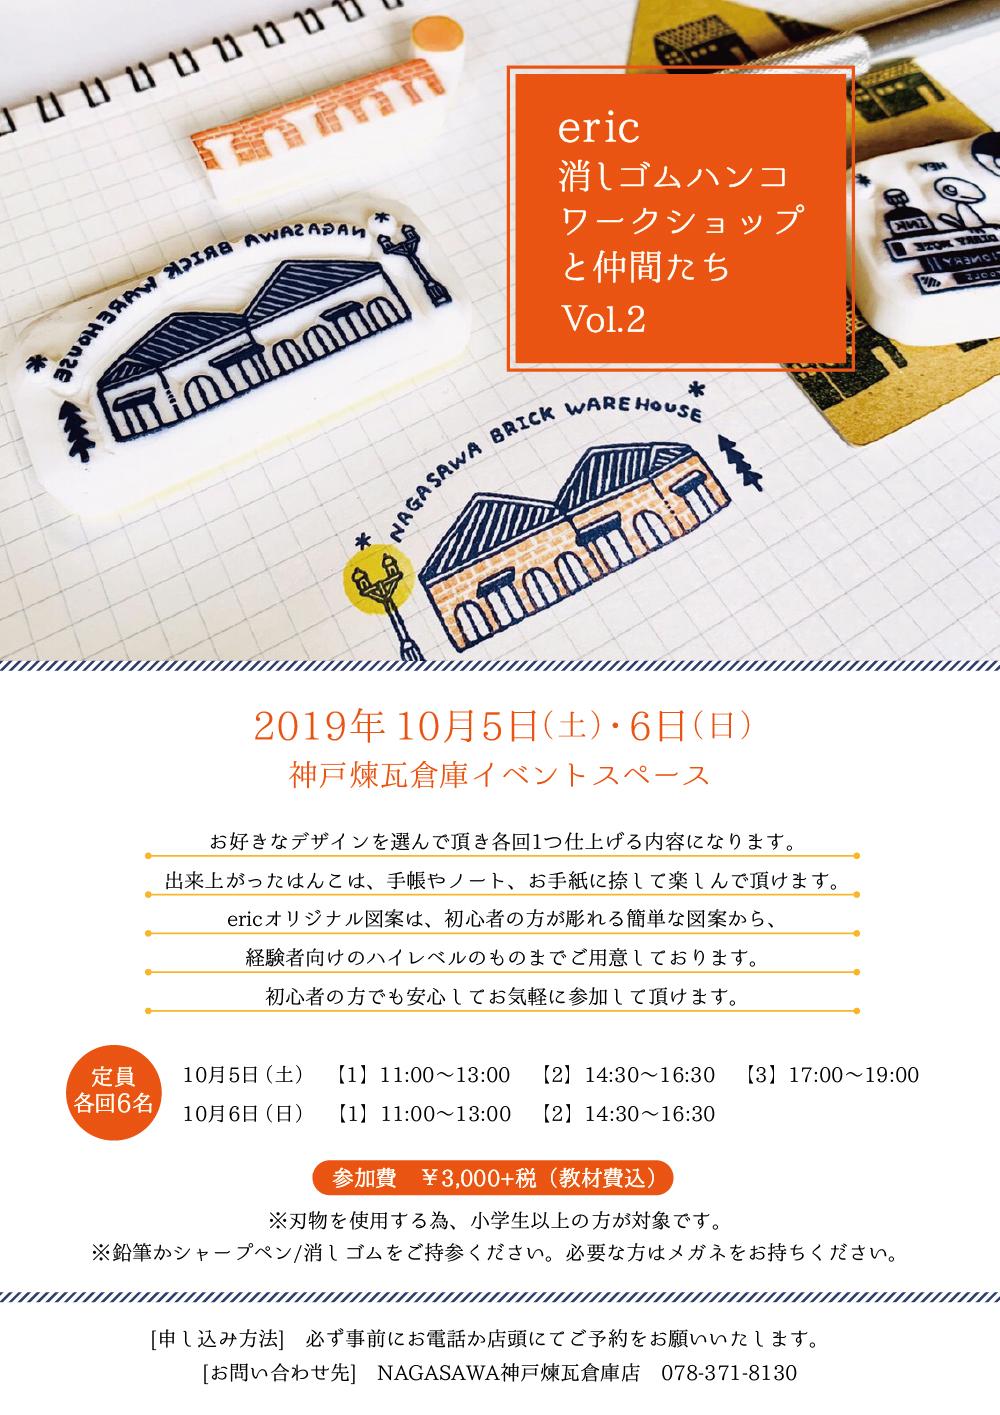 【神戸煉瓦倉庫店】消しゴムハンコのワークショップ。初心者の方~経験者の方まで幅広く楽しめます♪